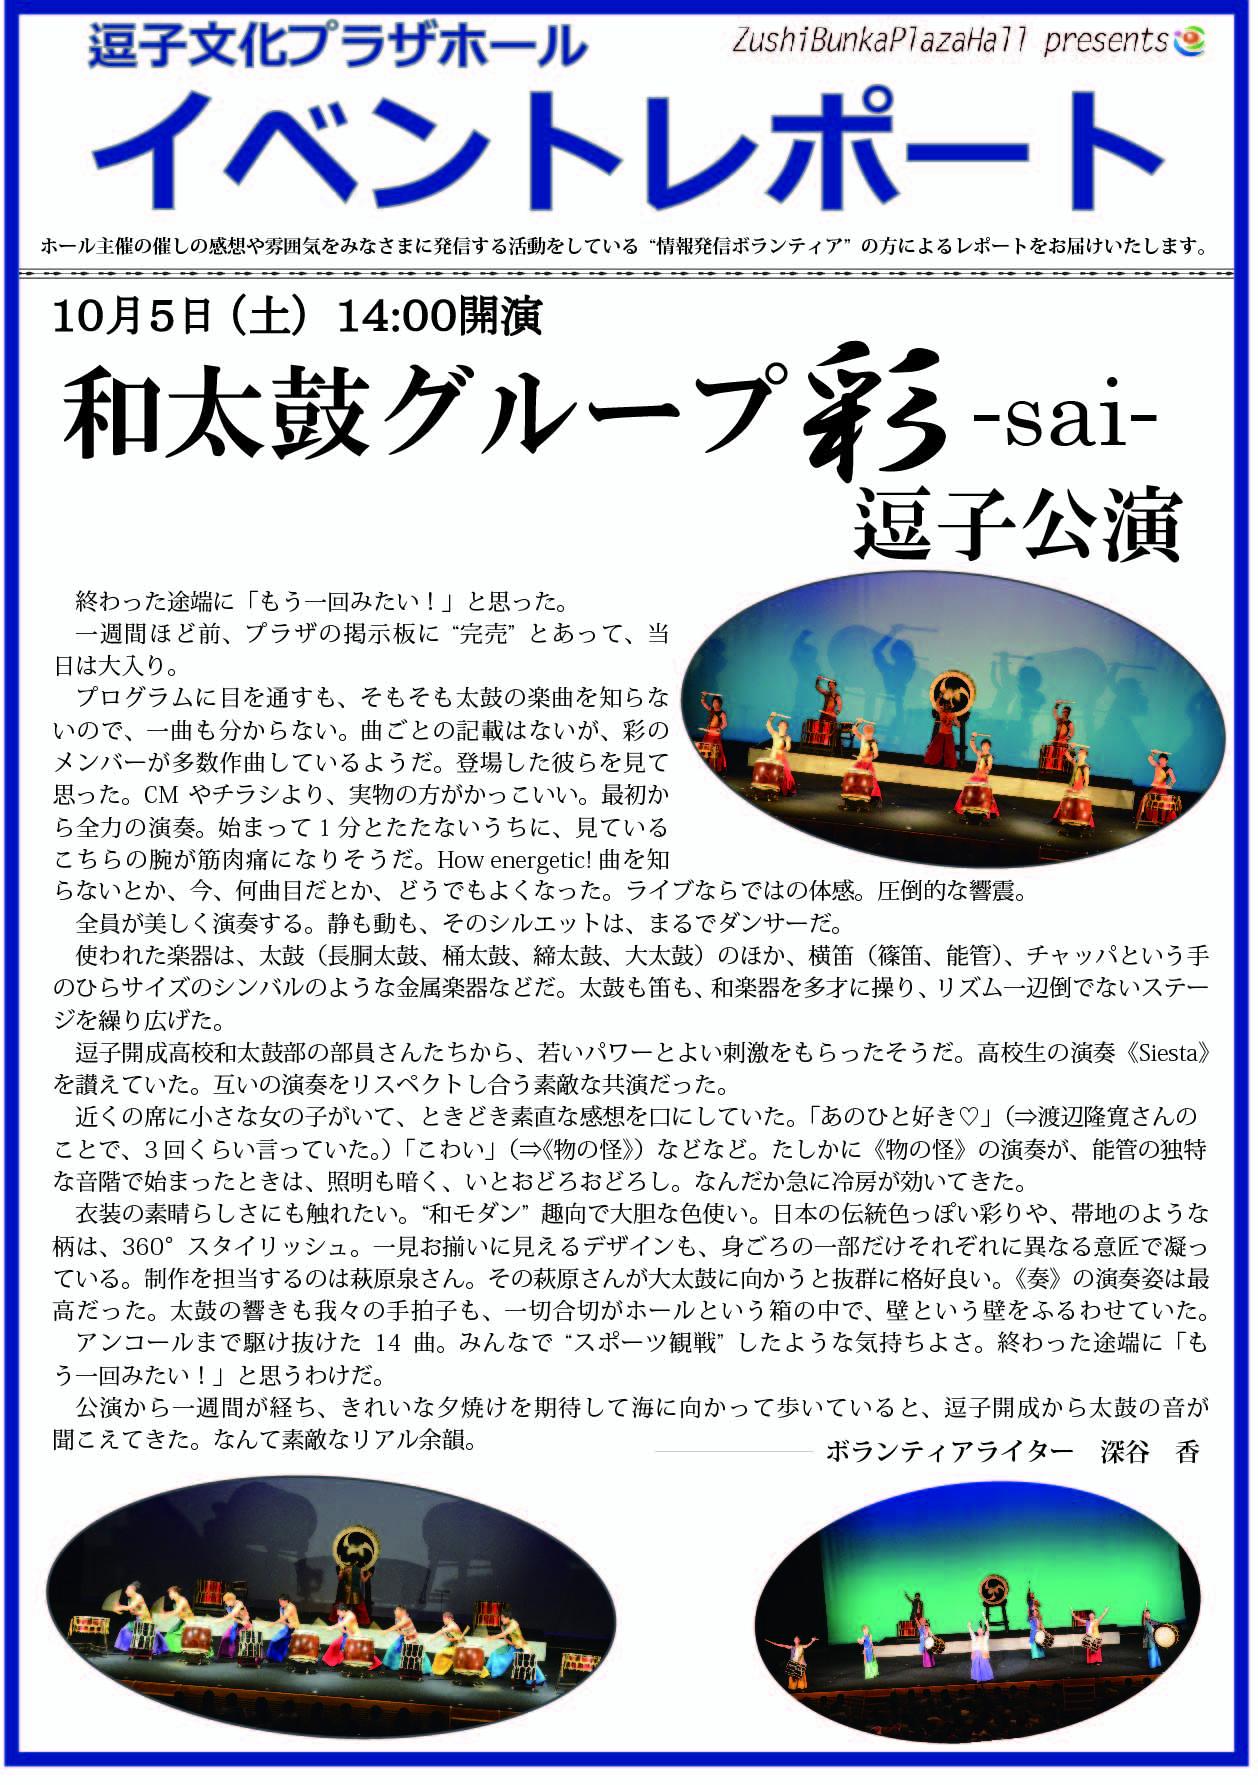 ★イベントレポート「和太鼓グループ彩-sai- 逗子公演」2019年10月5日(土)開催